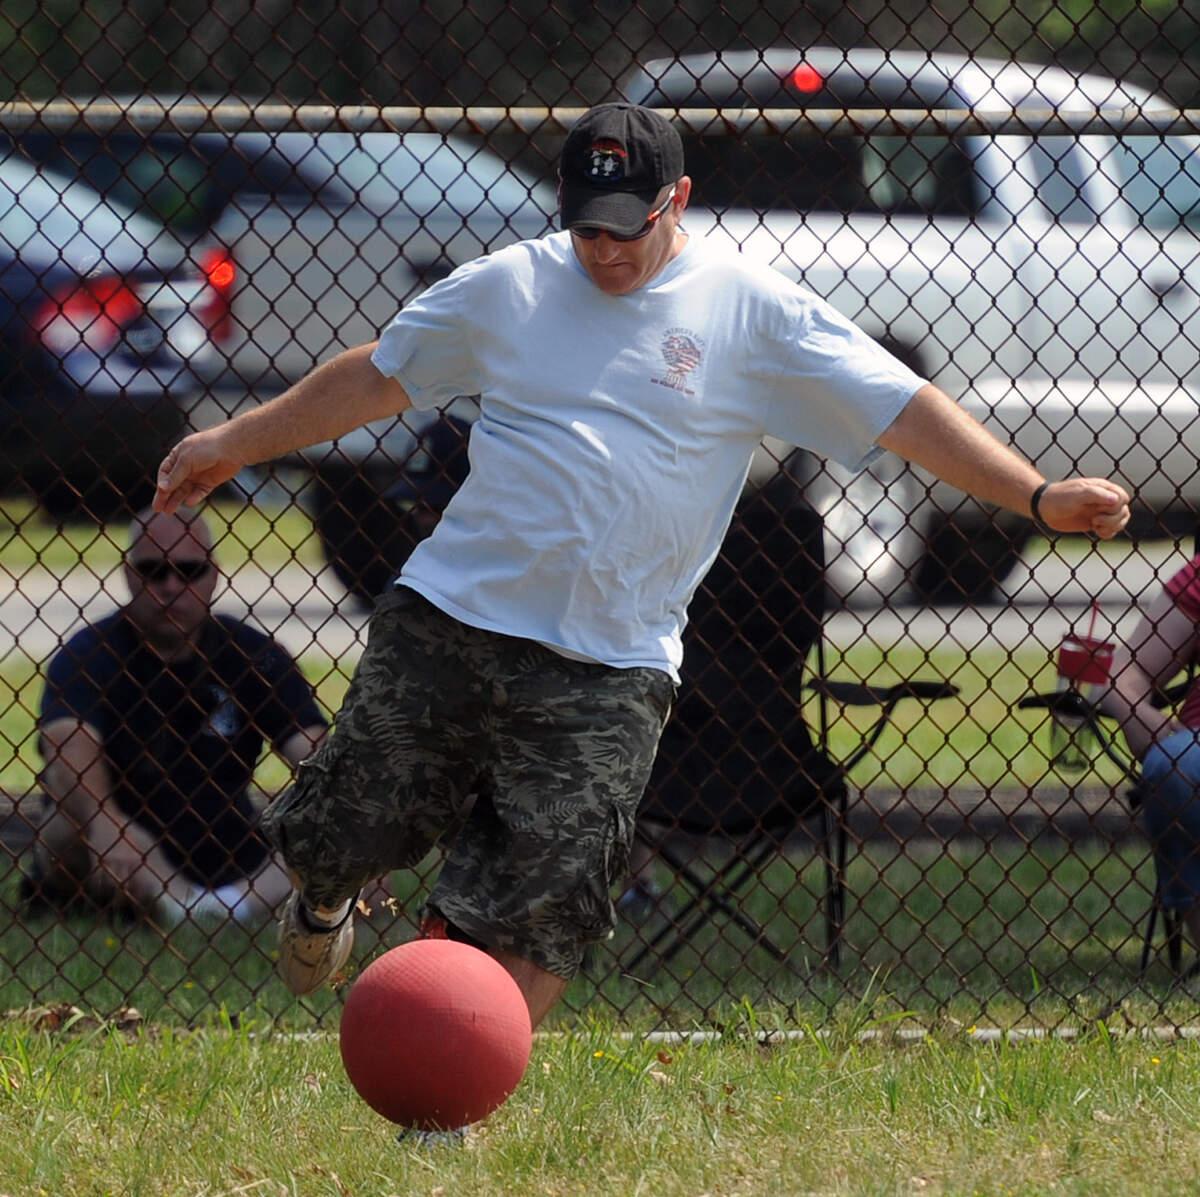 Image for National Kickball Day